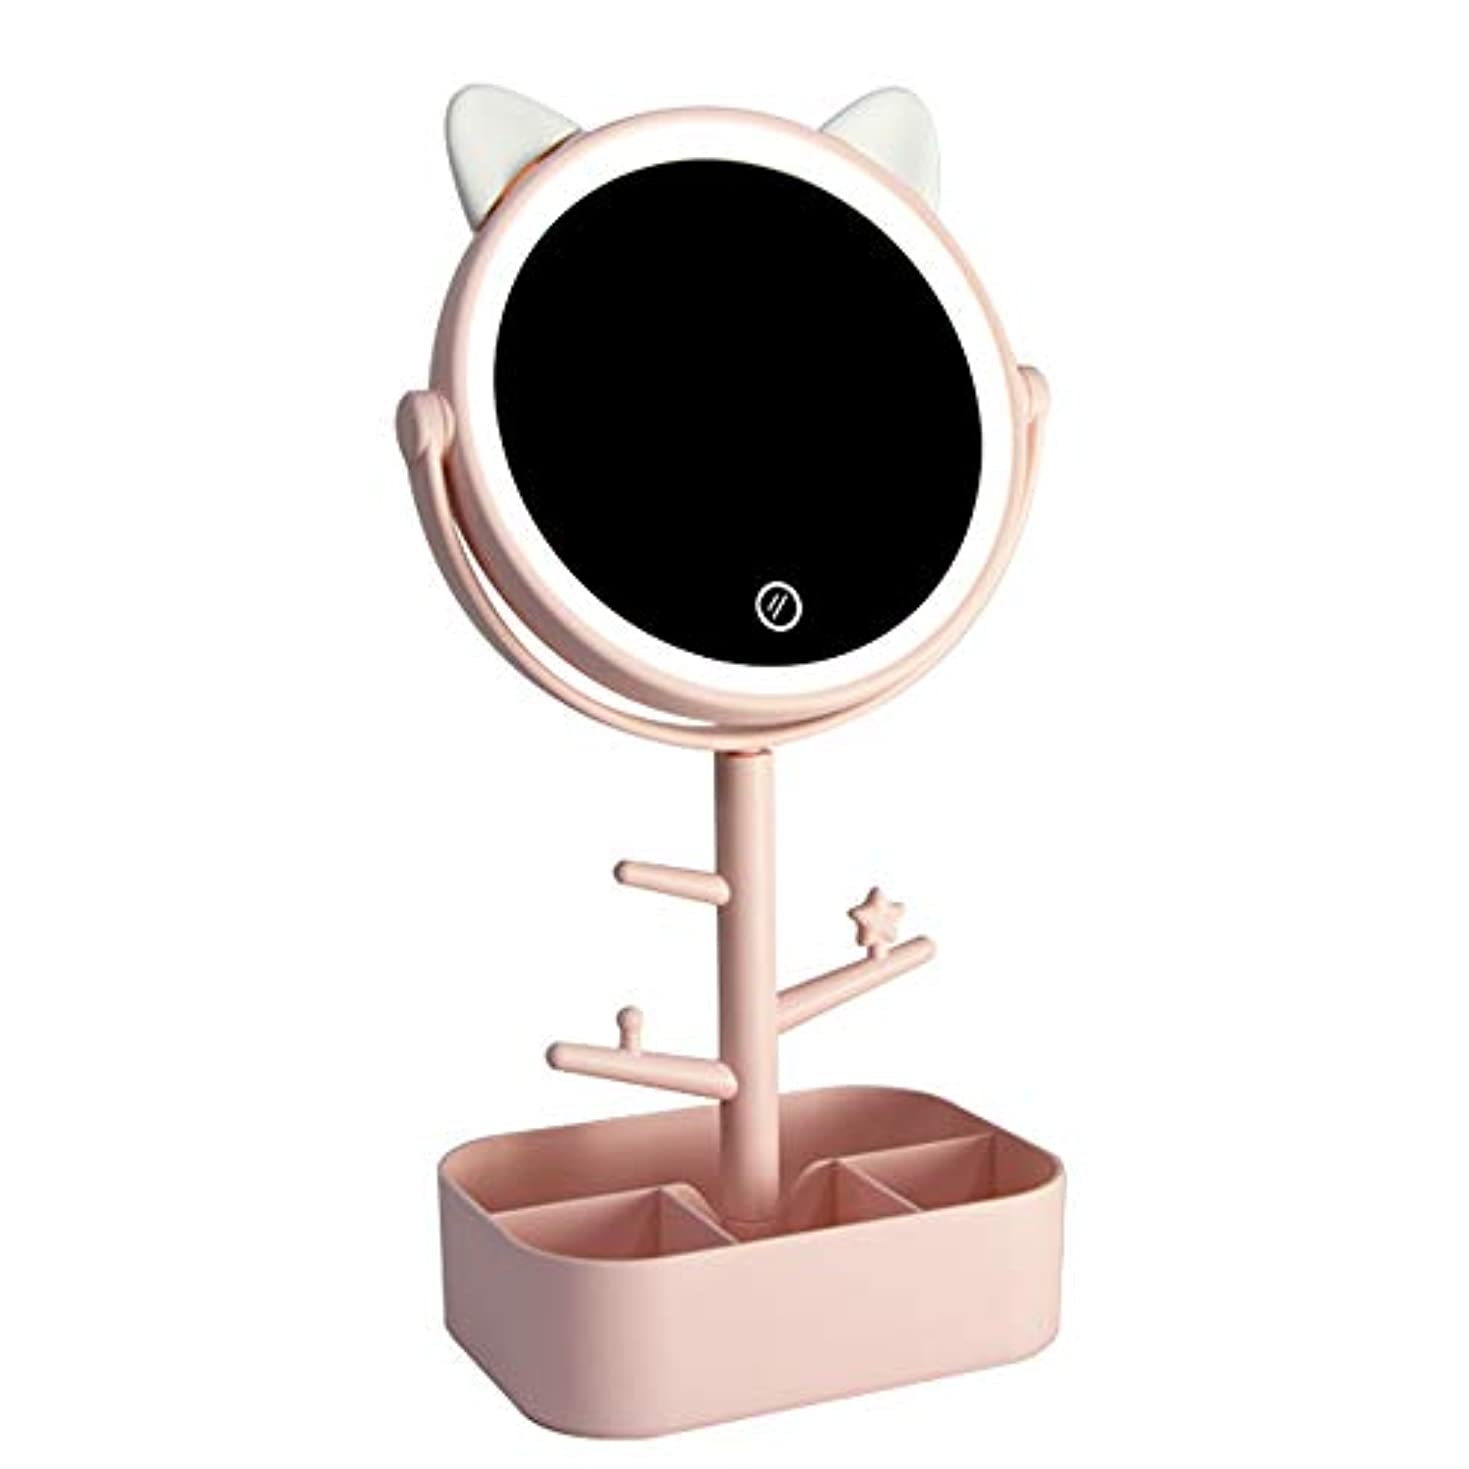 機関車一瞬栄光のLecone LED化粧鏡 女優ミラー 卓上ミラー 180度調整可能 スタンドミラー LEDライト メイク 化粧道具 円型 収納ケース 可収納 USB給電 (猫ーピンク)